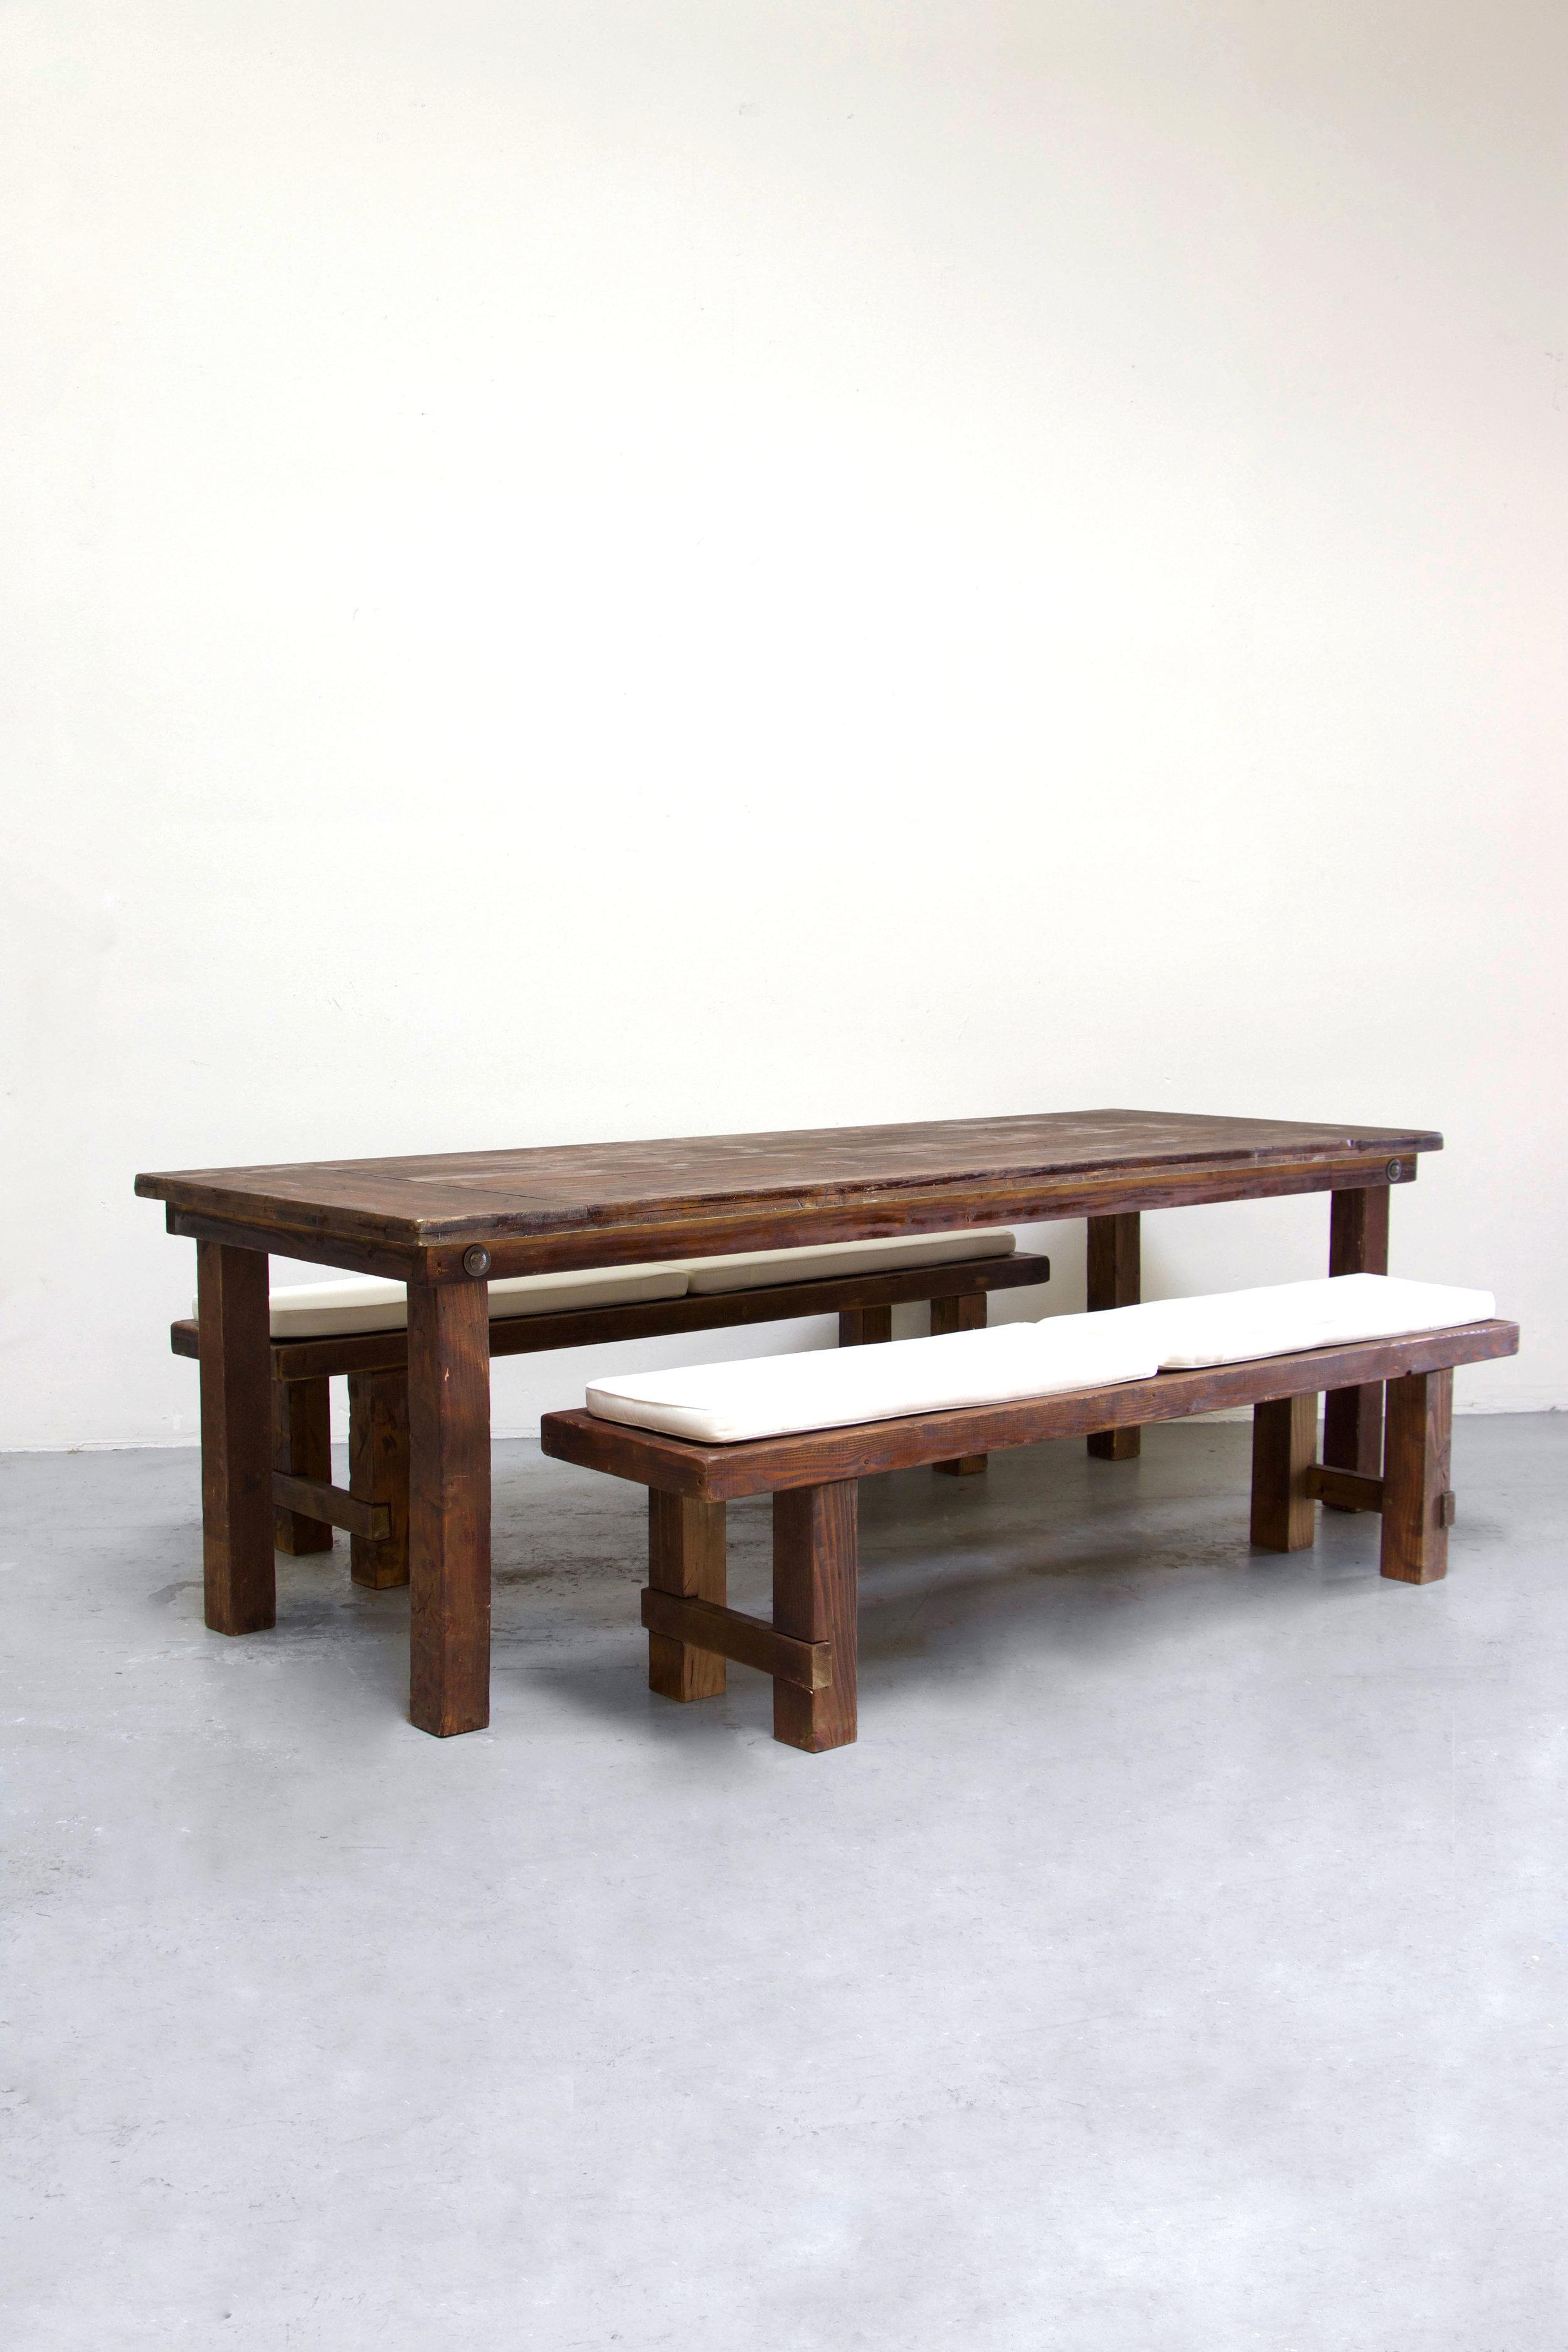 $145 1 Mahogany Farm Table w/ 2 Long Benches